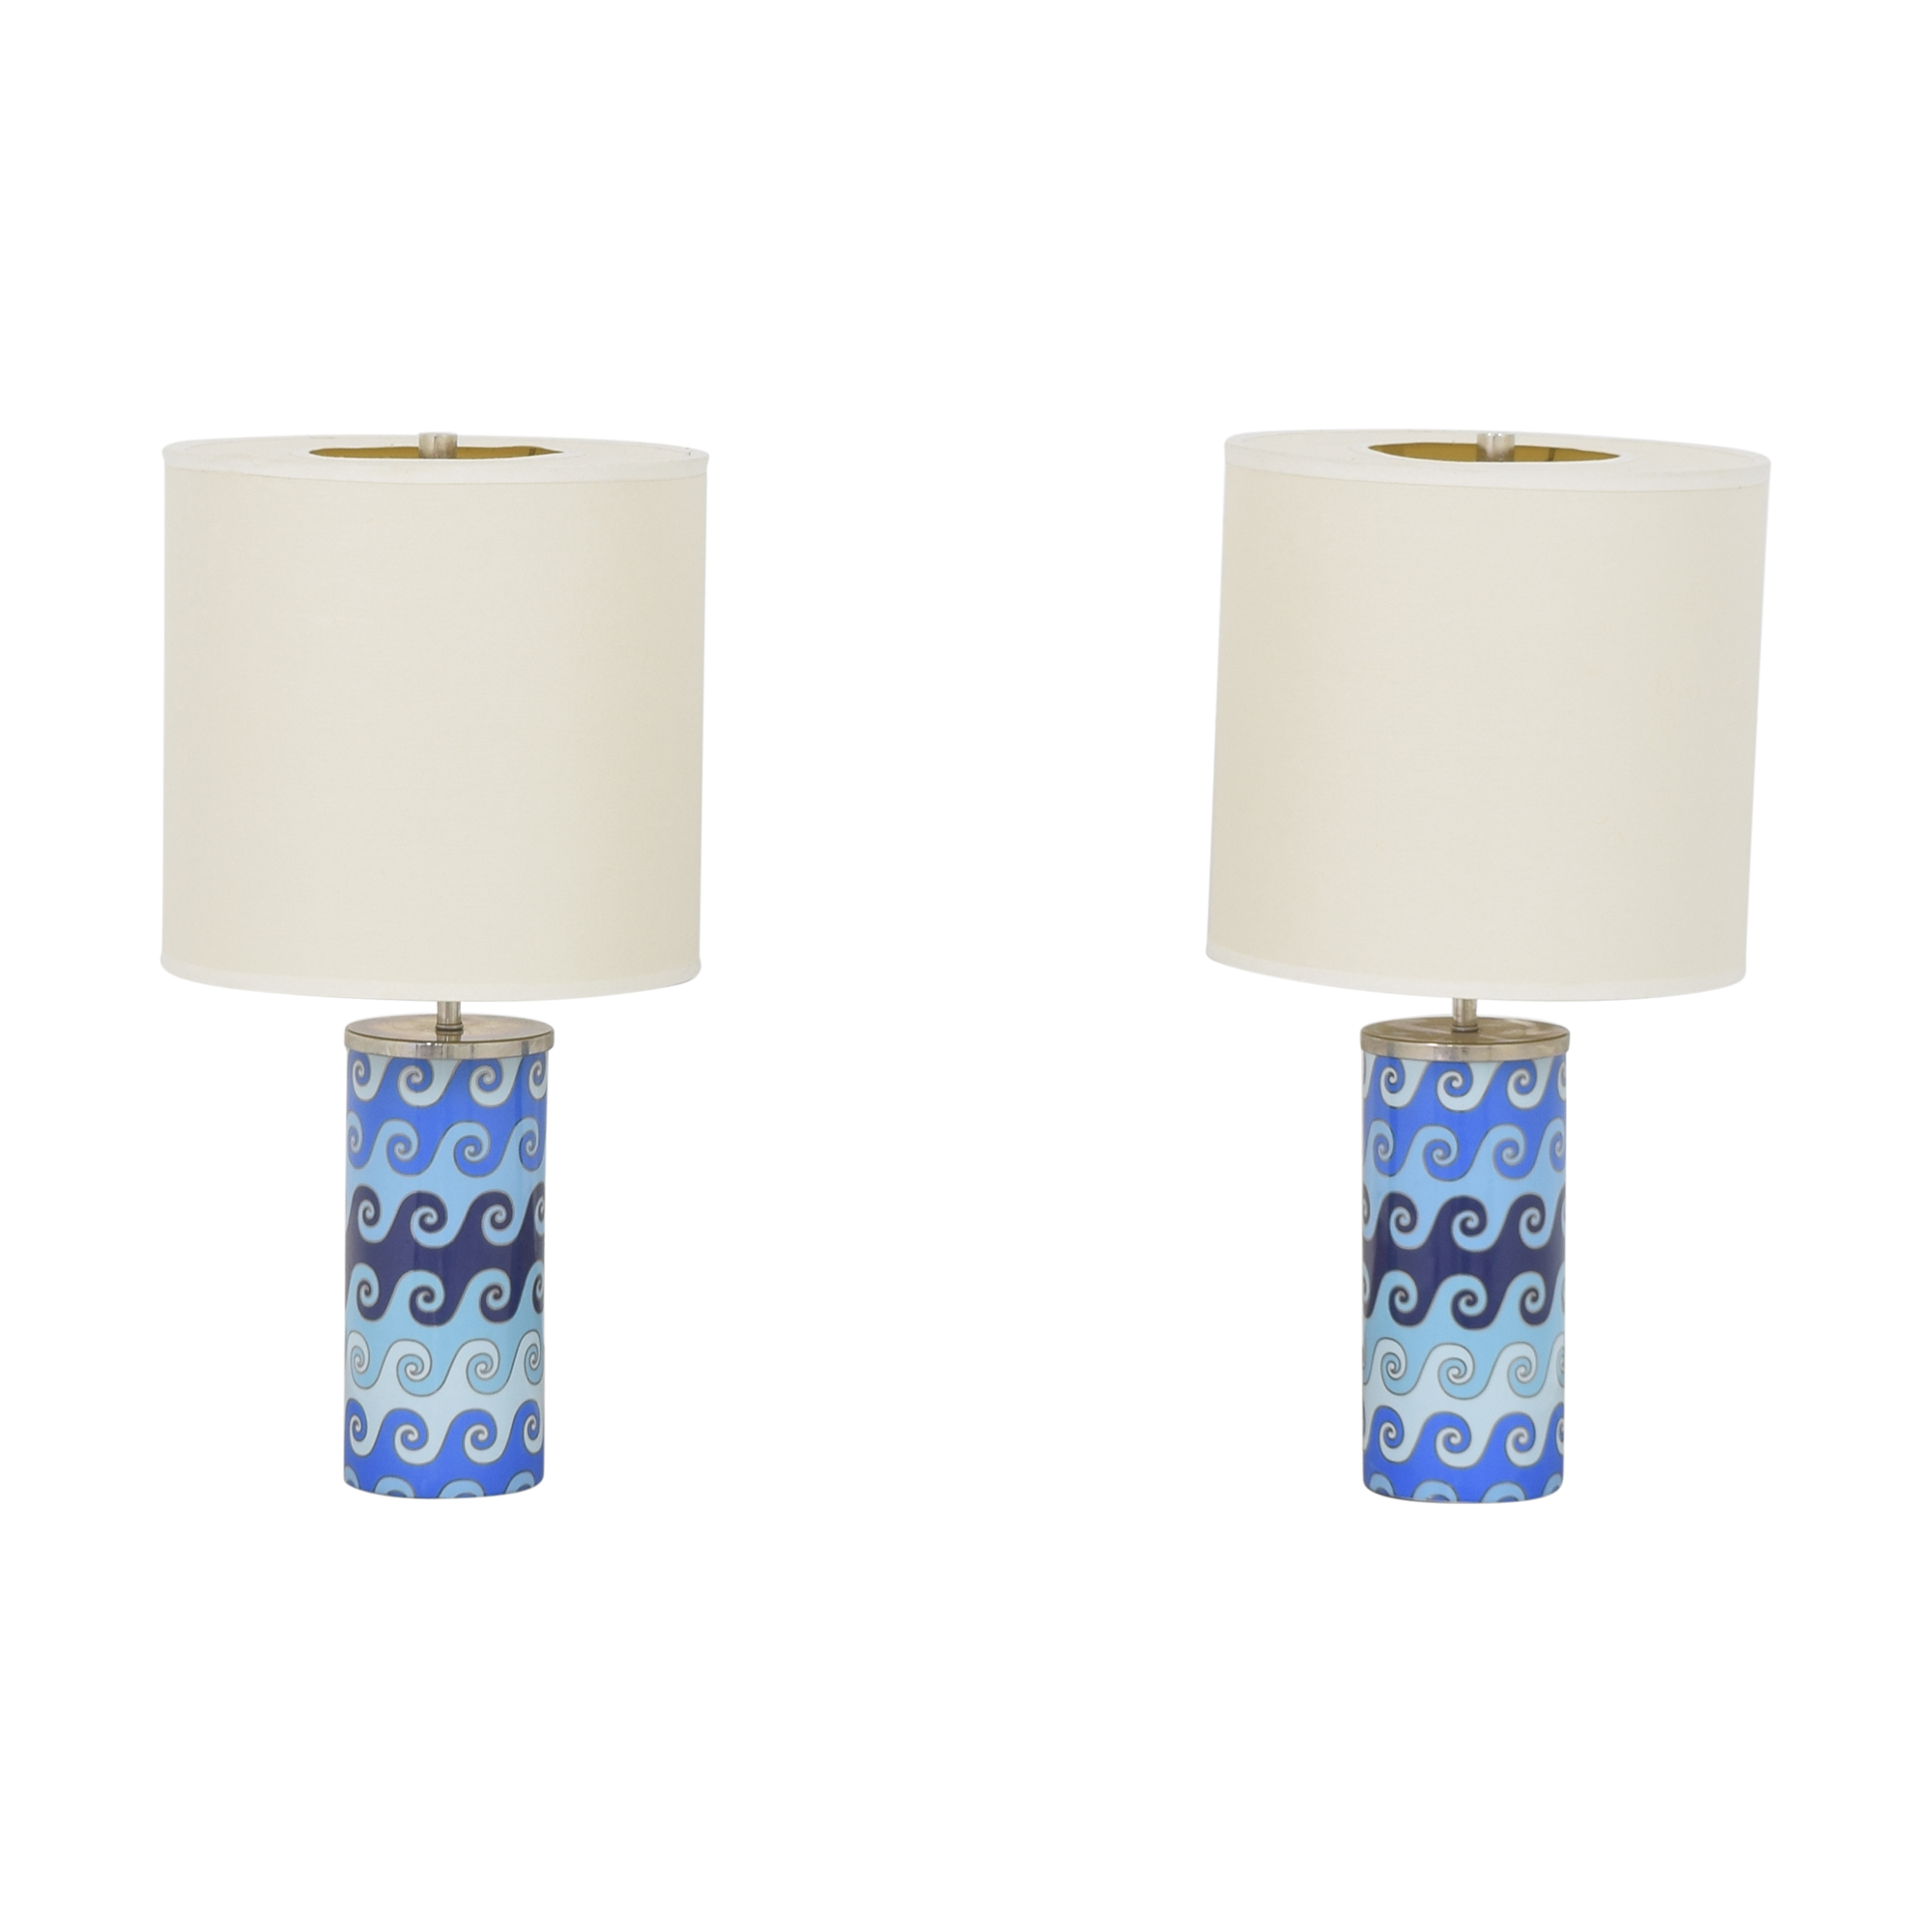 Jonathan Adler Jonathan Adler Carnaby Waves Table Lamps Lamps